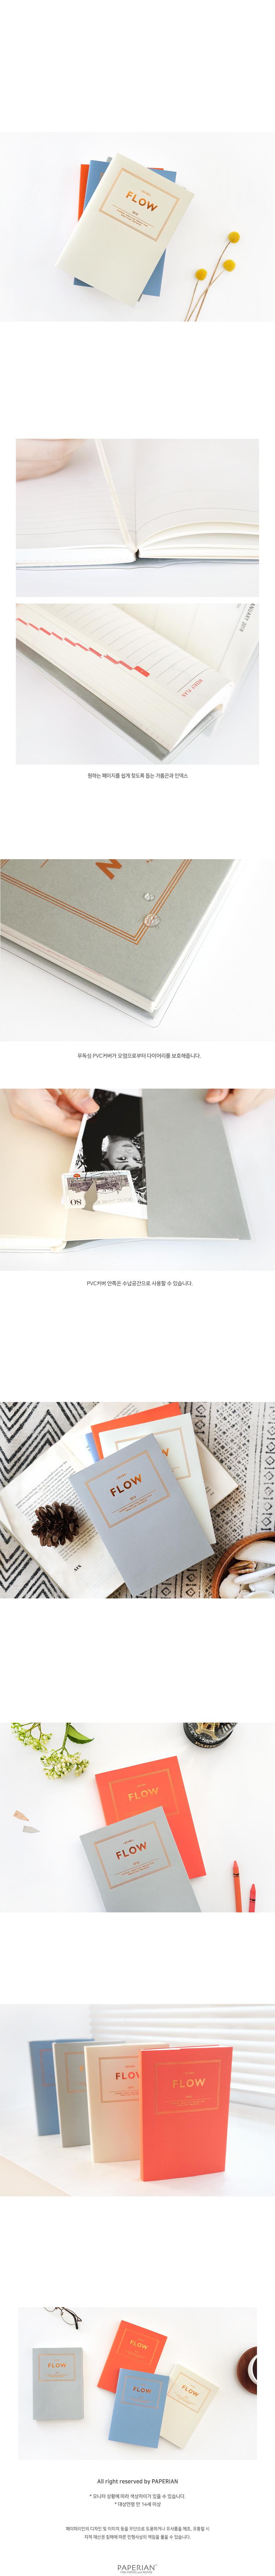 2018 FLOW B6 diary (날짜형)10,800원-페이퍼리안디자인문구, 다이어리/캘린더, 2018 다이어리, 심플바보사랑2018 FLOW B6 diary (날짜형)10,800원-페이퍼리안디자인문구, 다이어리/캘린더, 2018 다이어리, 심플바보사랑